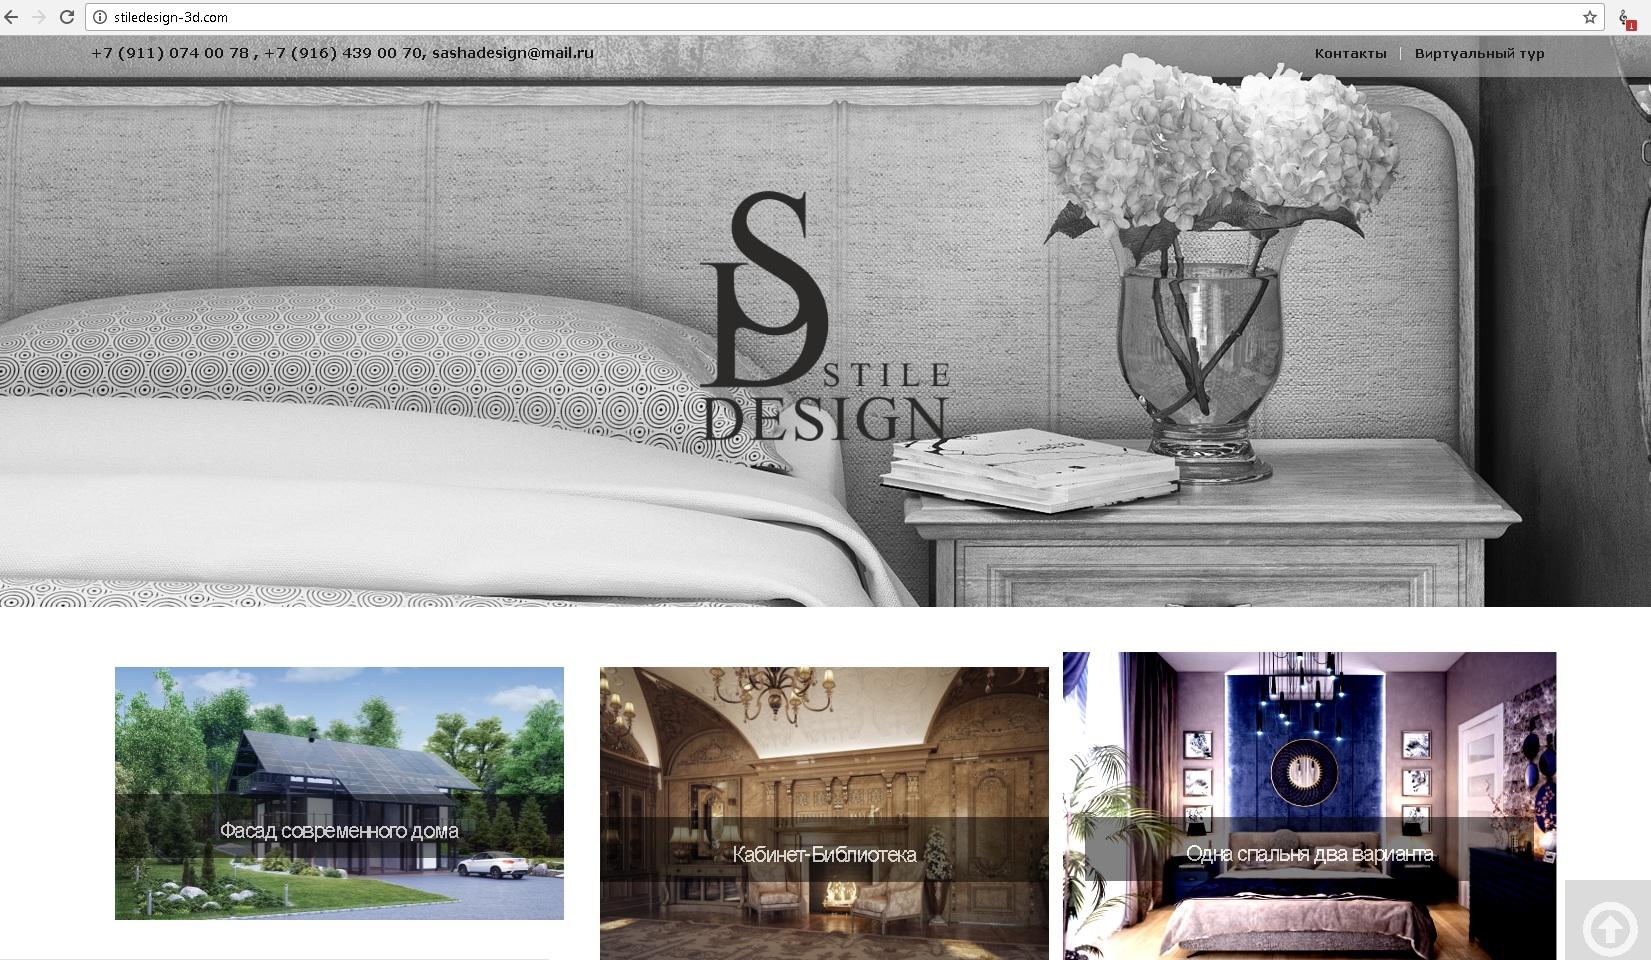 Дизайн студия интерьера в Калининграде - STILE DESIGN